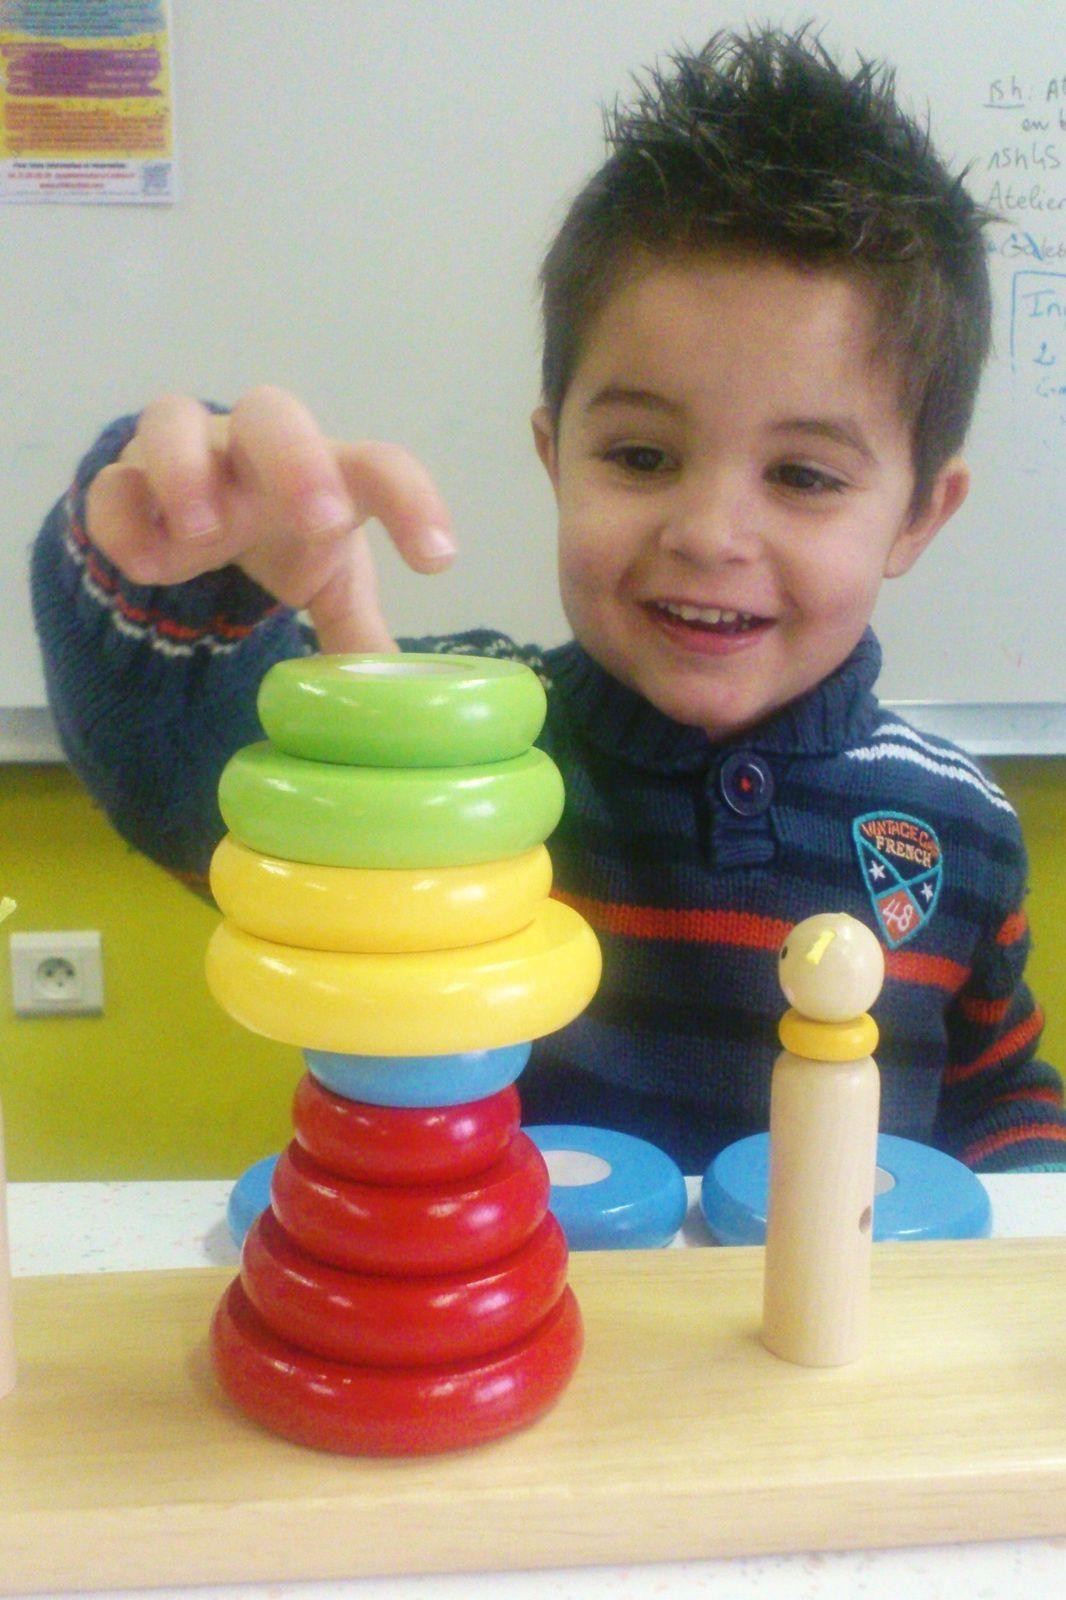 Comment l'enfant trouve, de lui-même,une utilisation du jouet qui lui correspond et lui fait plaisir...